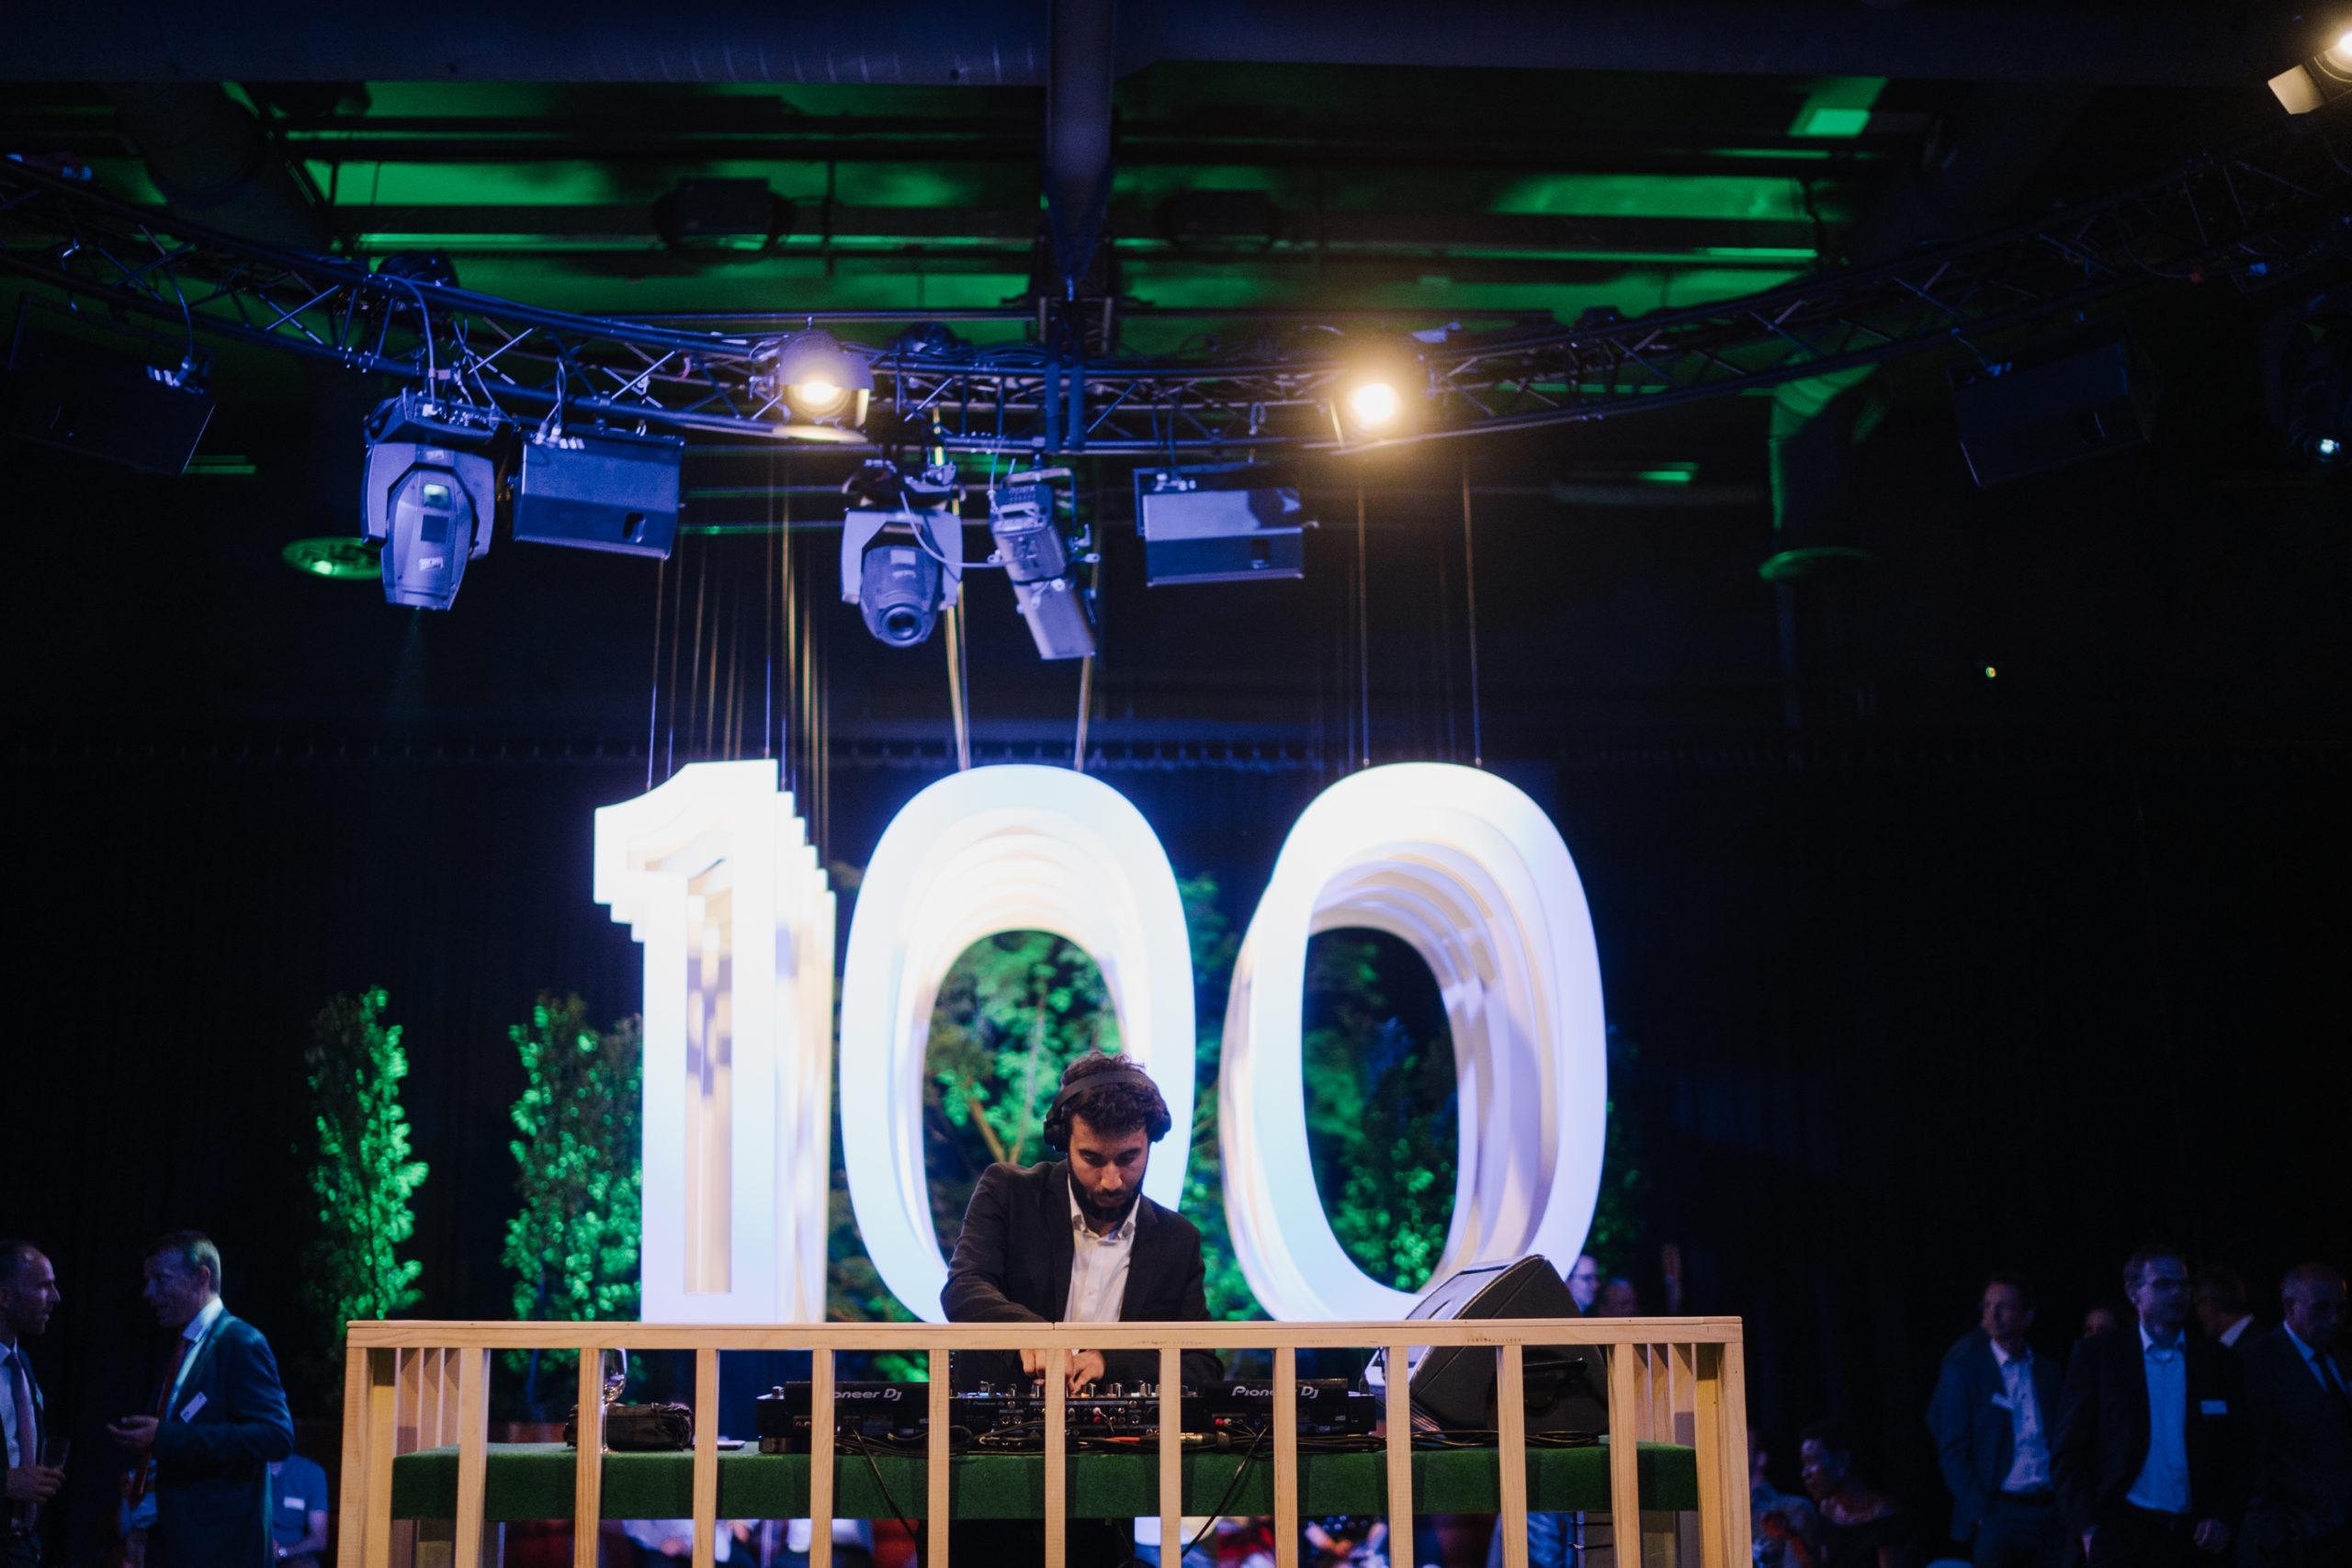 Shine a light agence évènementielle luxembourg - créateur d'expériences immersives - 100ème anniversaire SNHBM